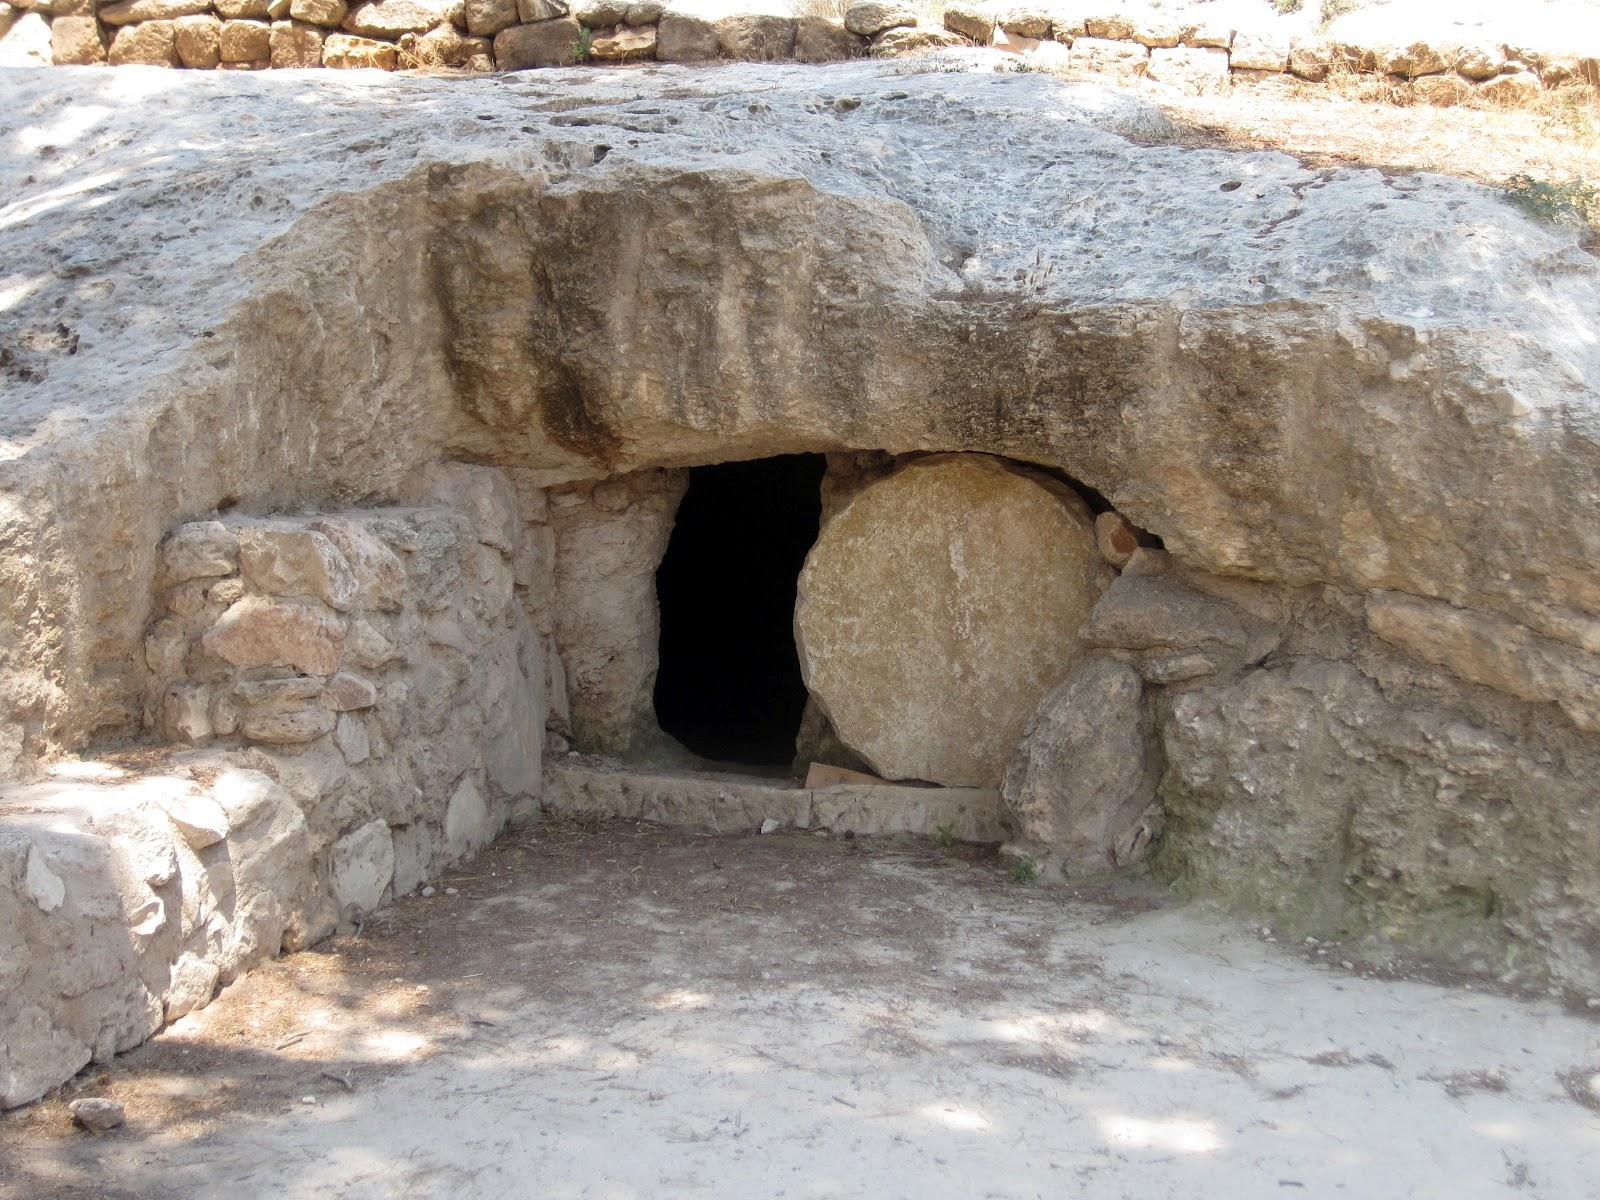 上图:拿撒勒村凿在盘石里的坟墓。